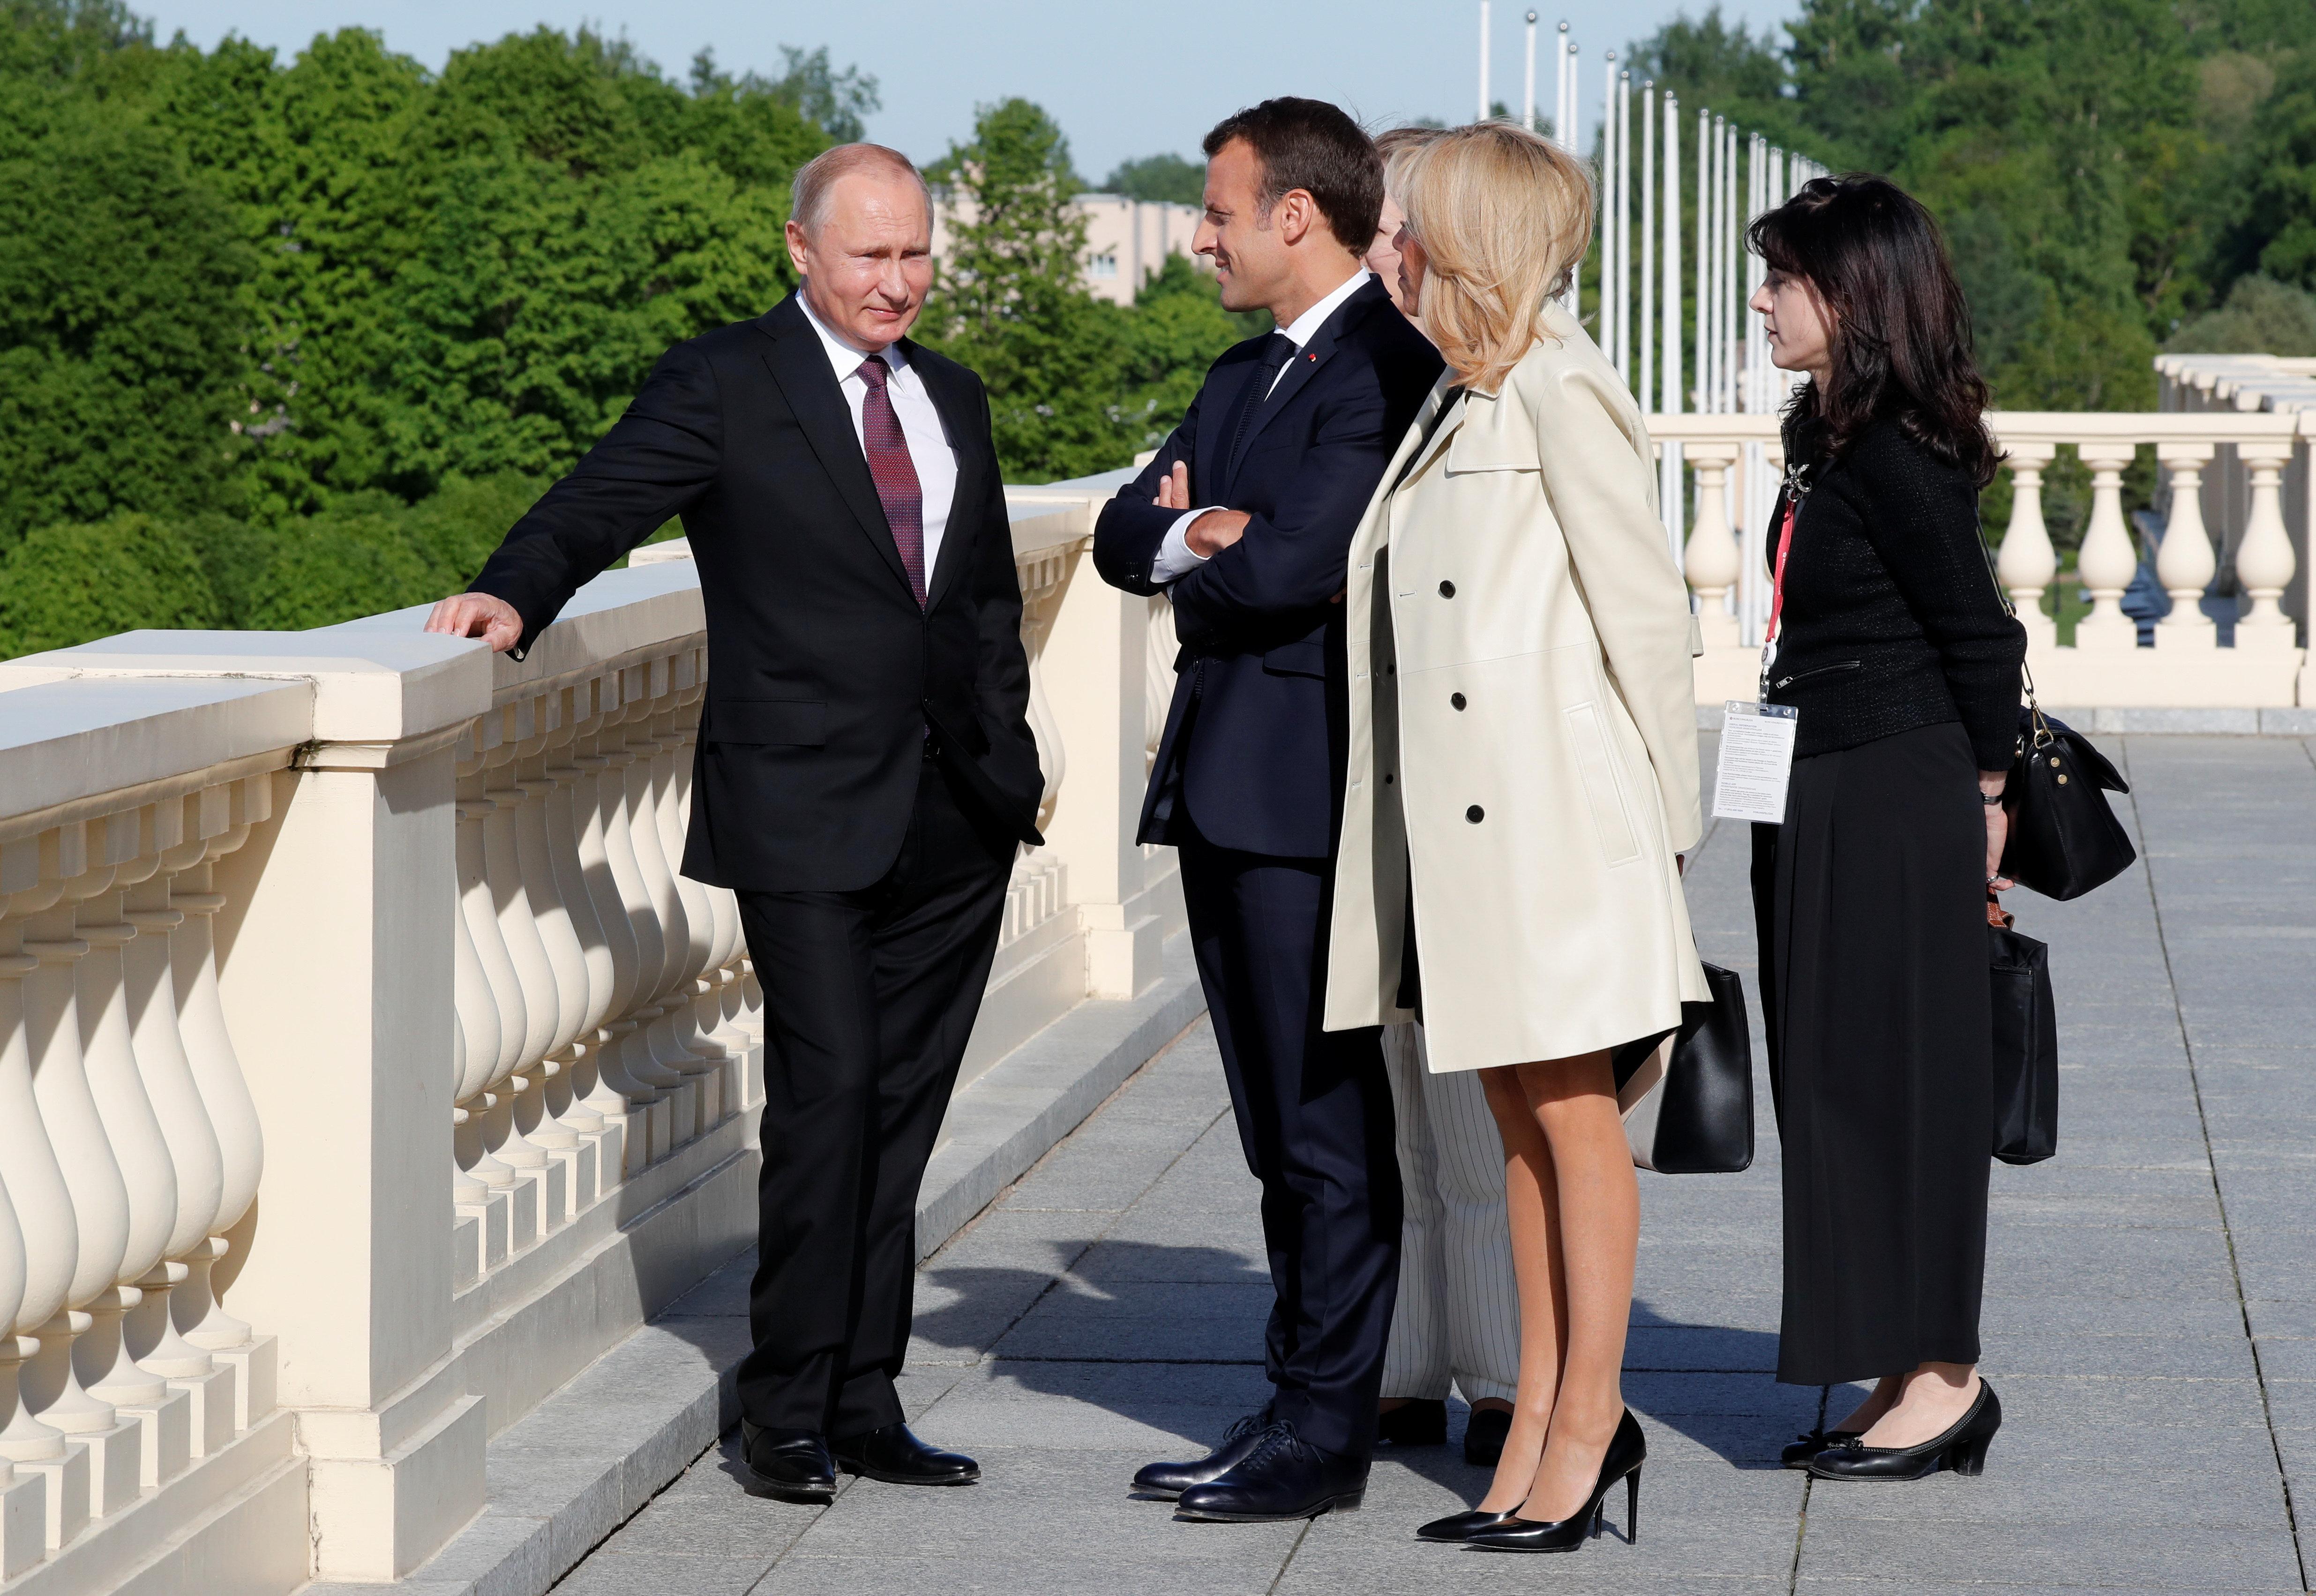 Russie: face à Poutine, Macron veut corriger sa diplomatie